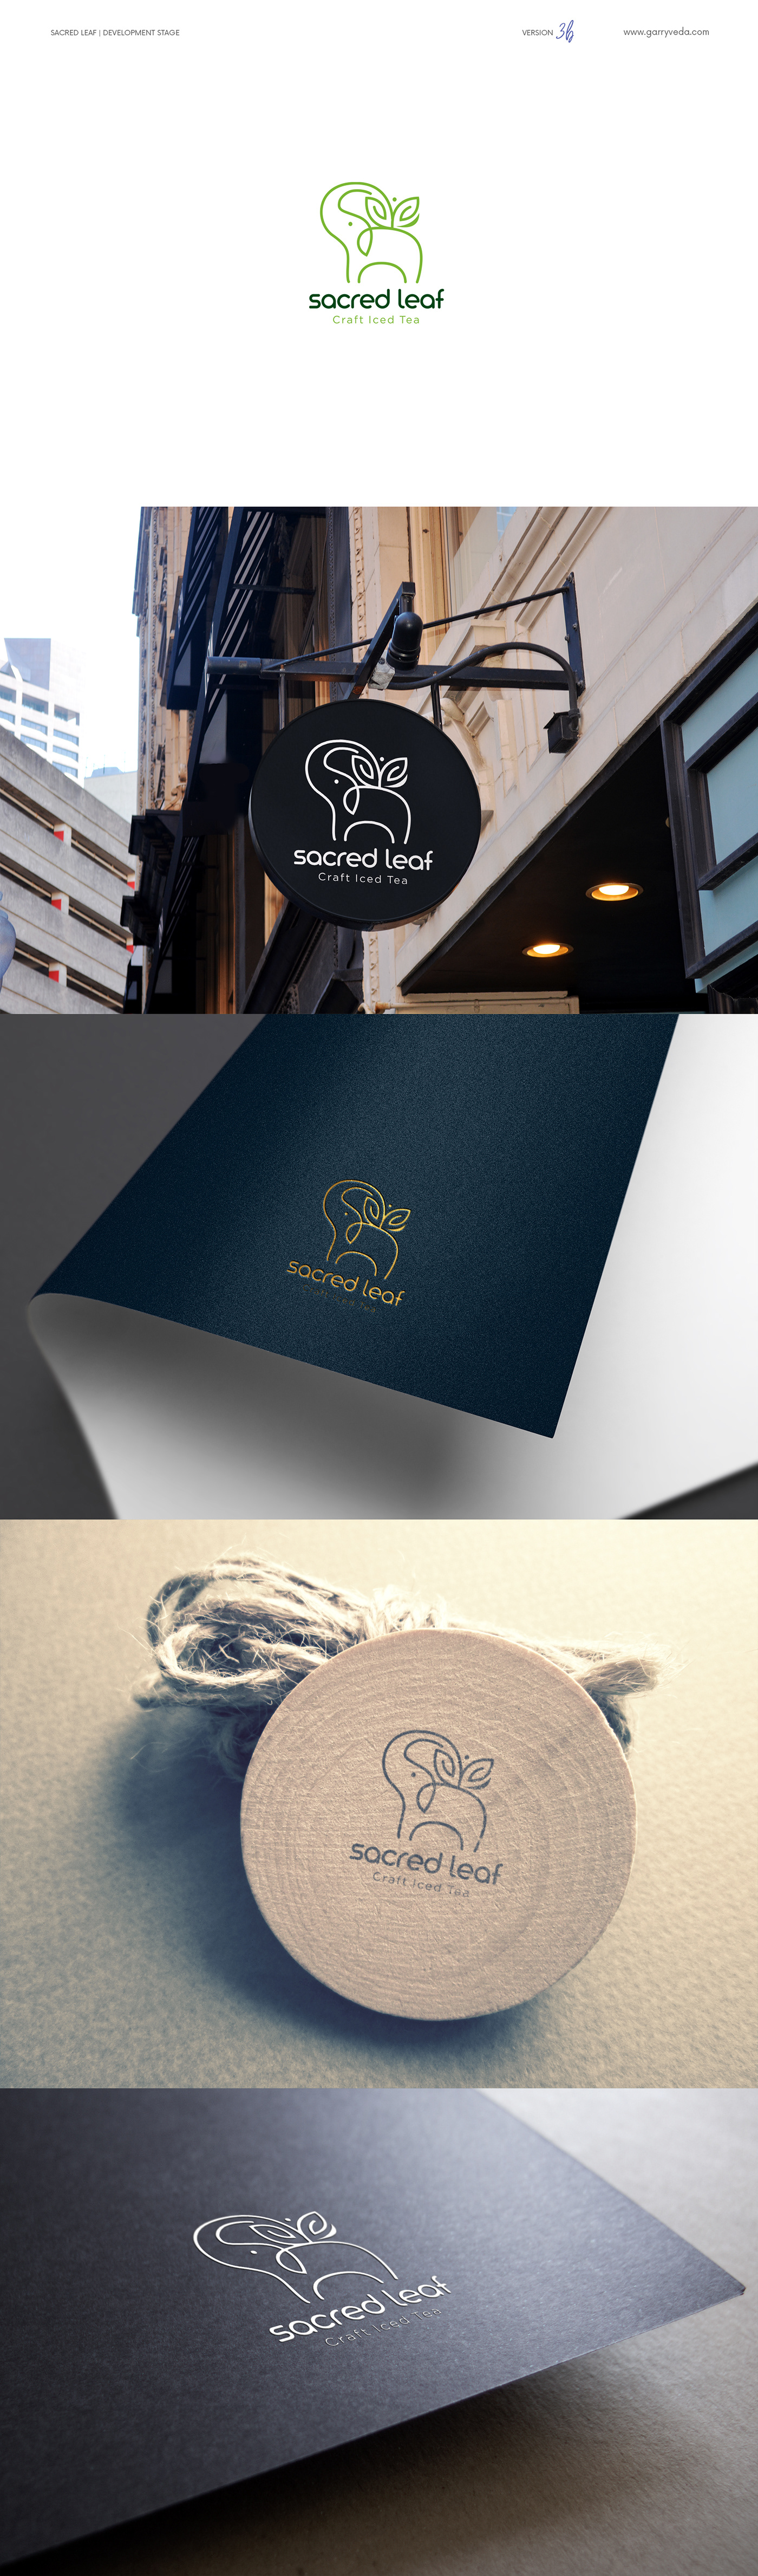 有設計感的37套品牌logo設計欣賞